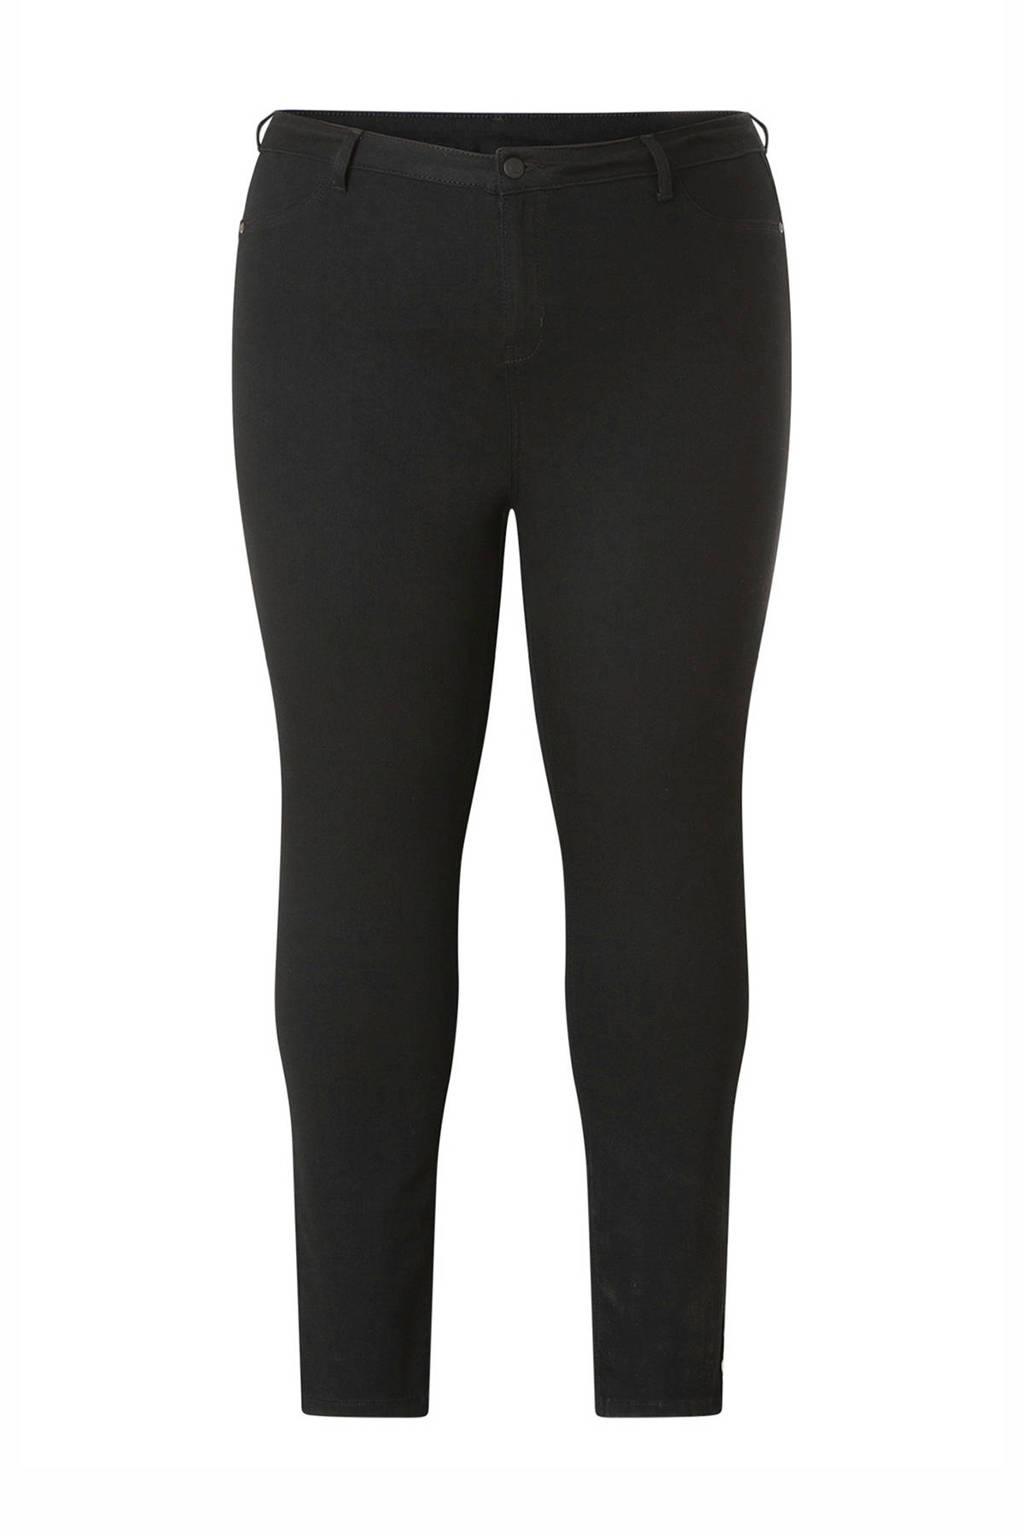 Yesta skinny jeans Faya zwart, Zwart